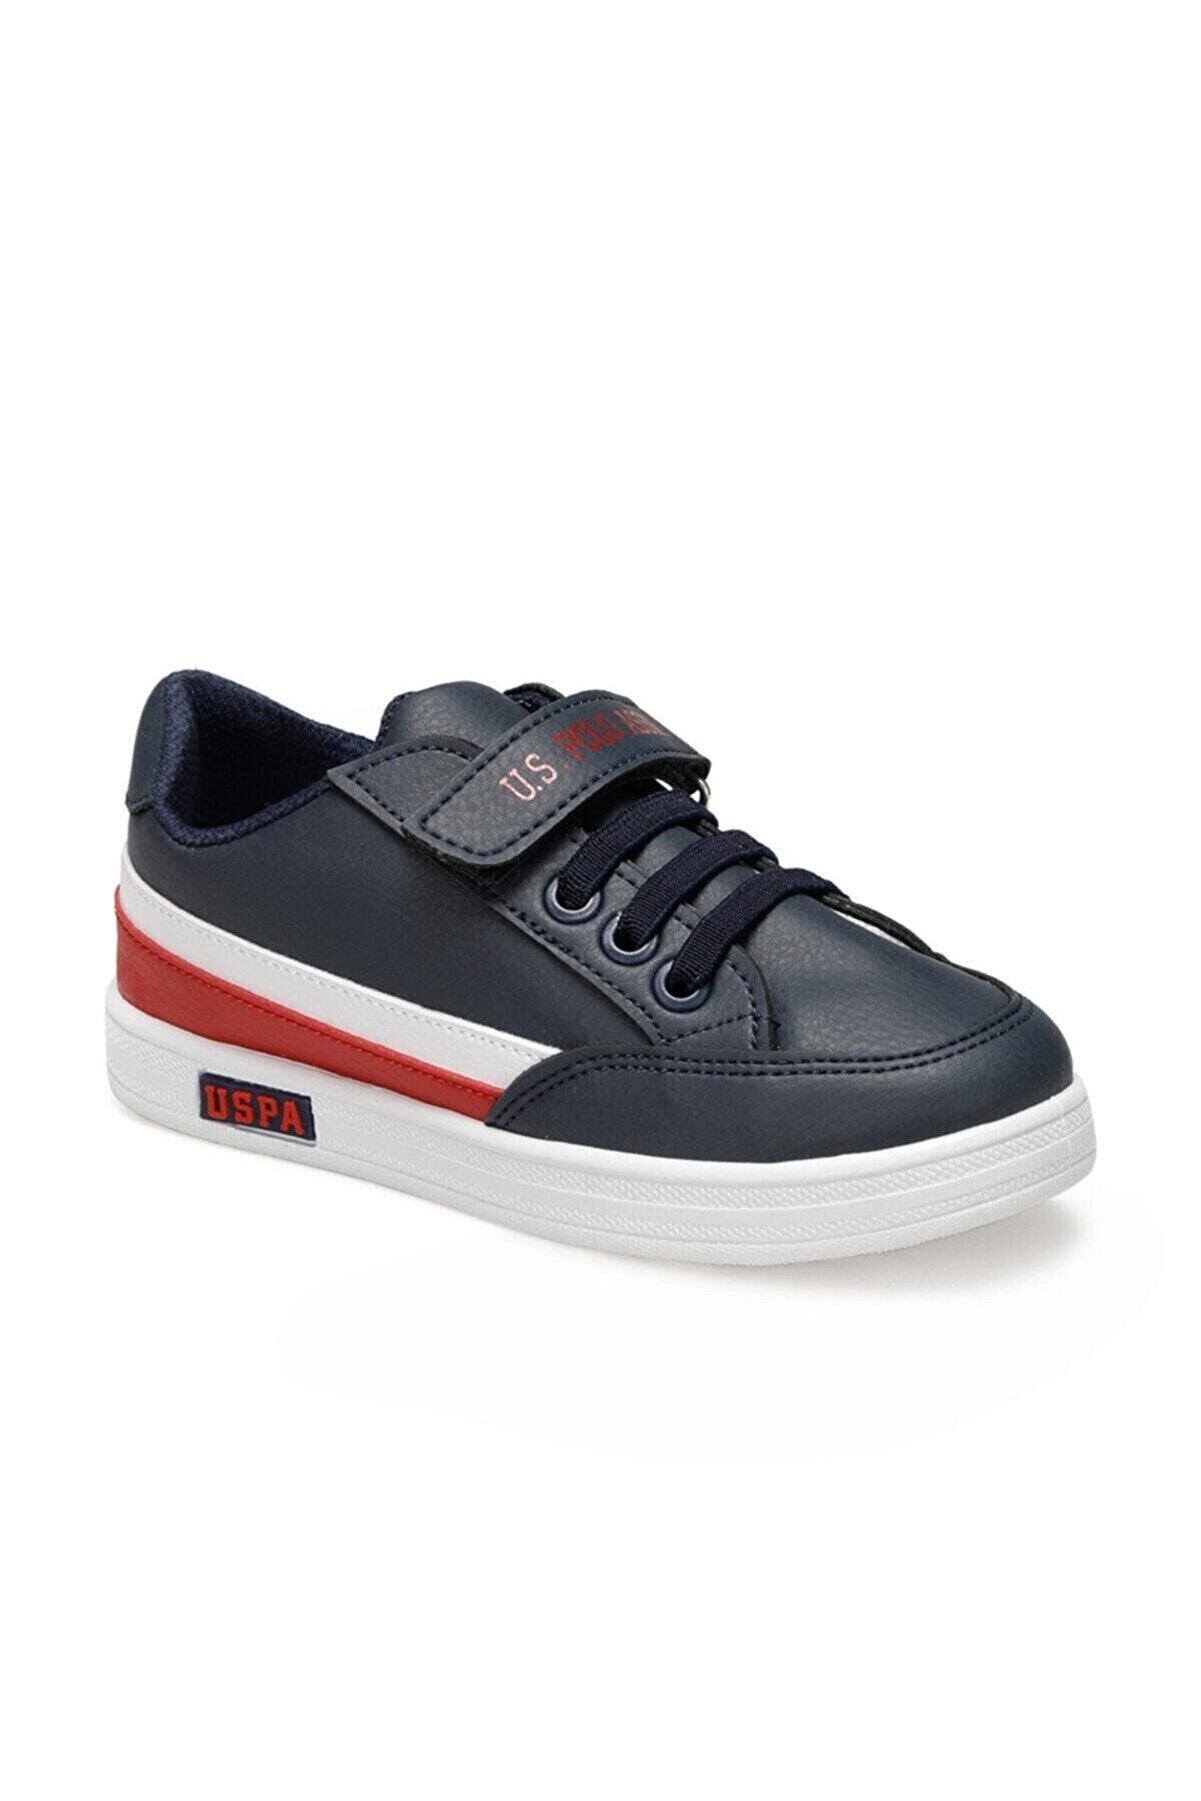 US Polo Assn JAMAL 9PR Lacivert Erkek Çocuk Sneaker Ayakkabı 100429392